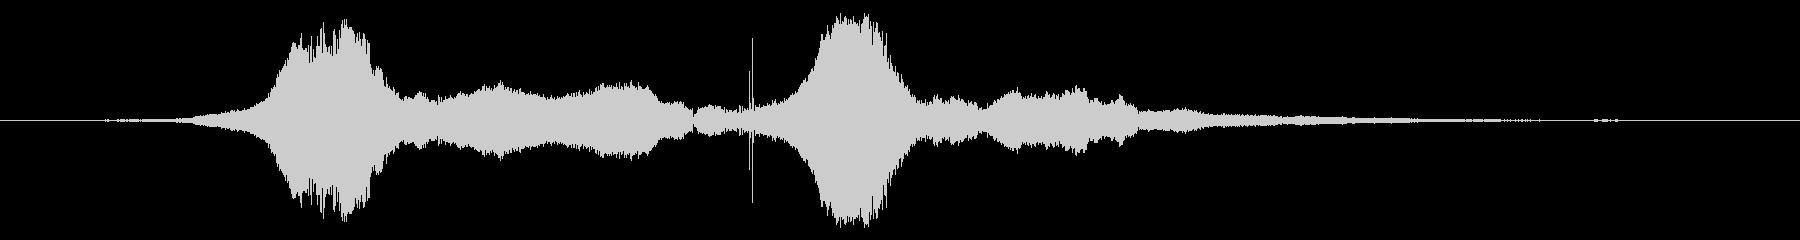 スーパーストック:速い速度で2つの...の未再生の波形